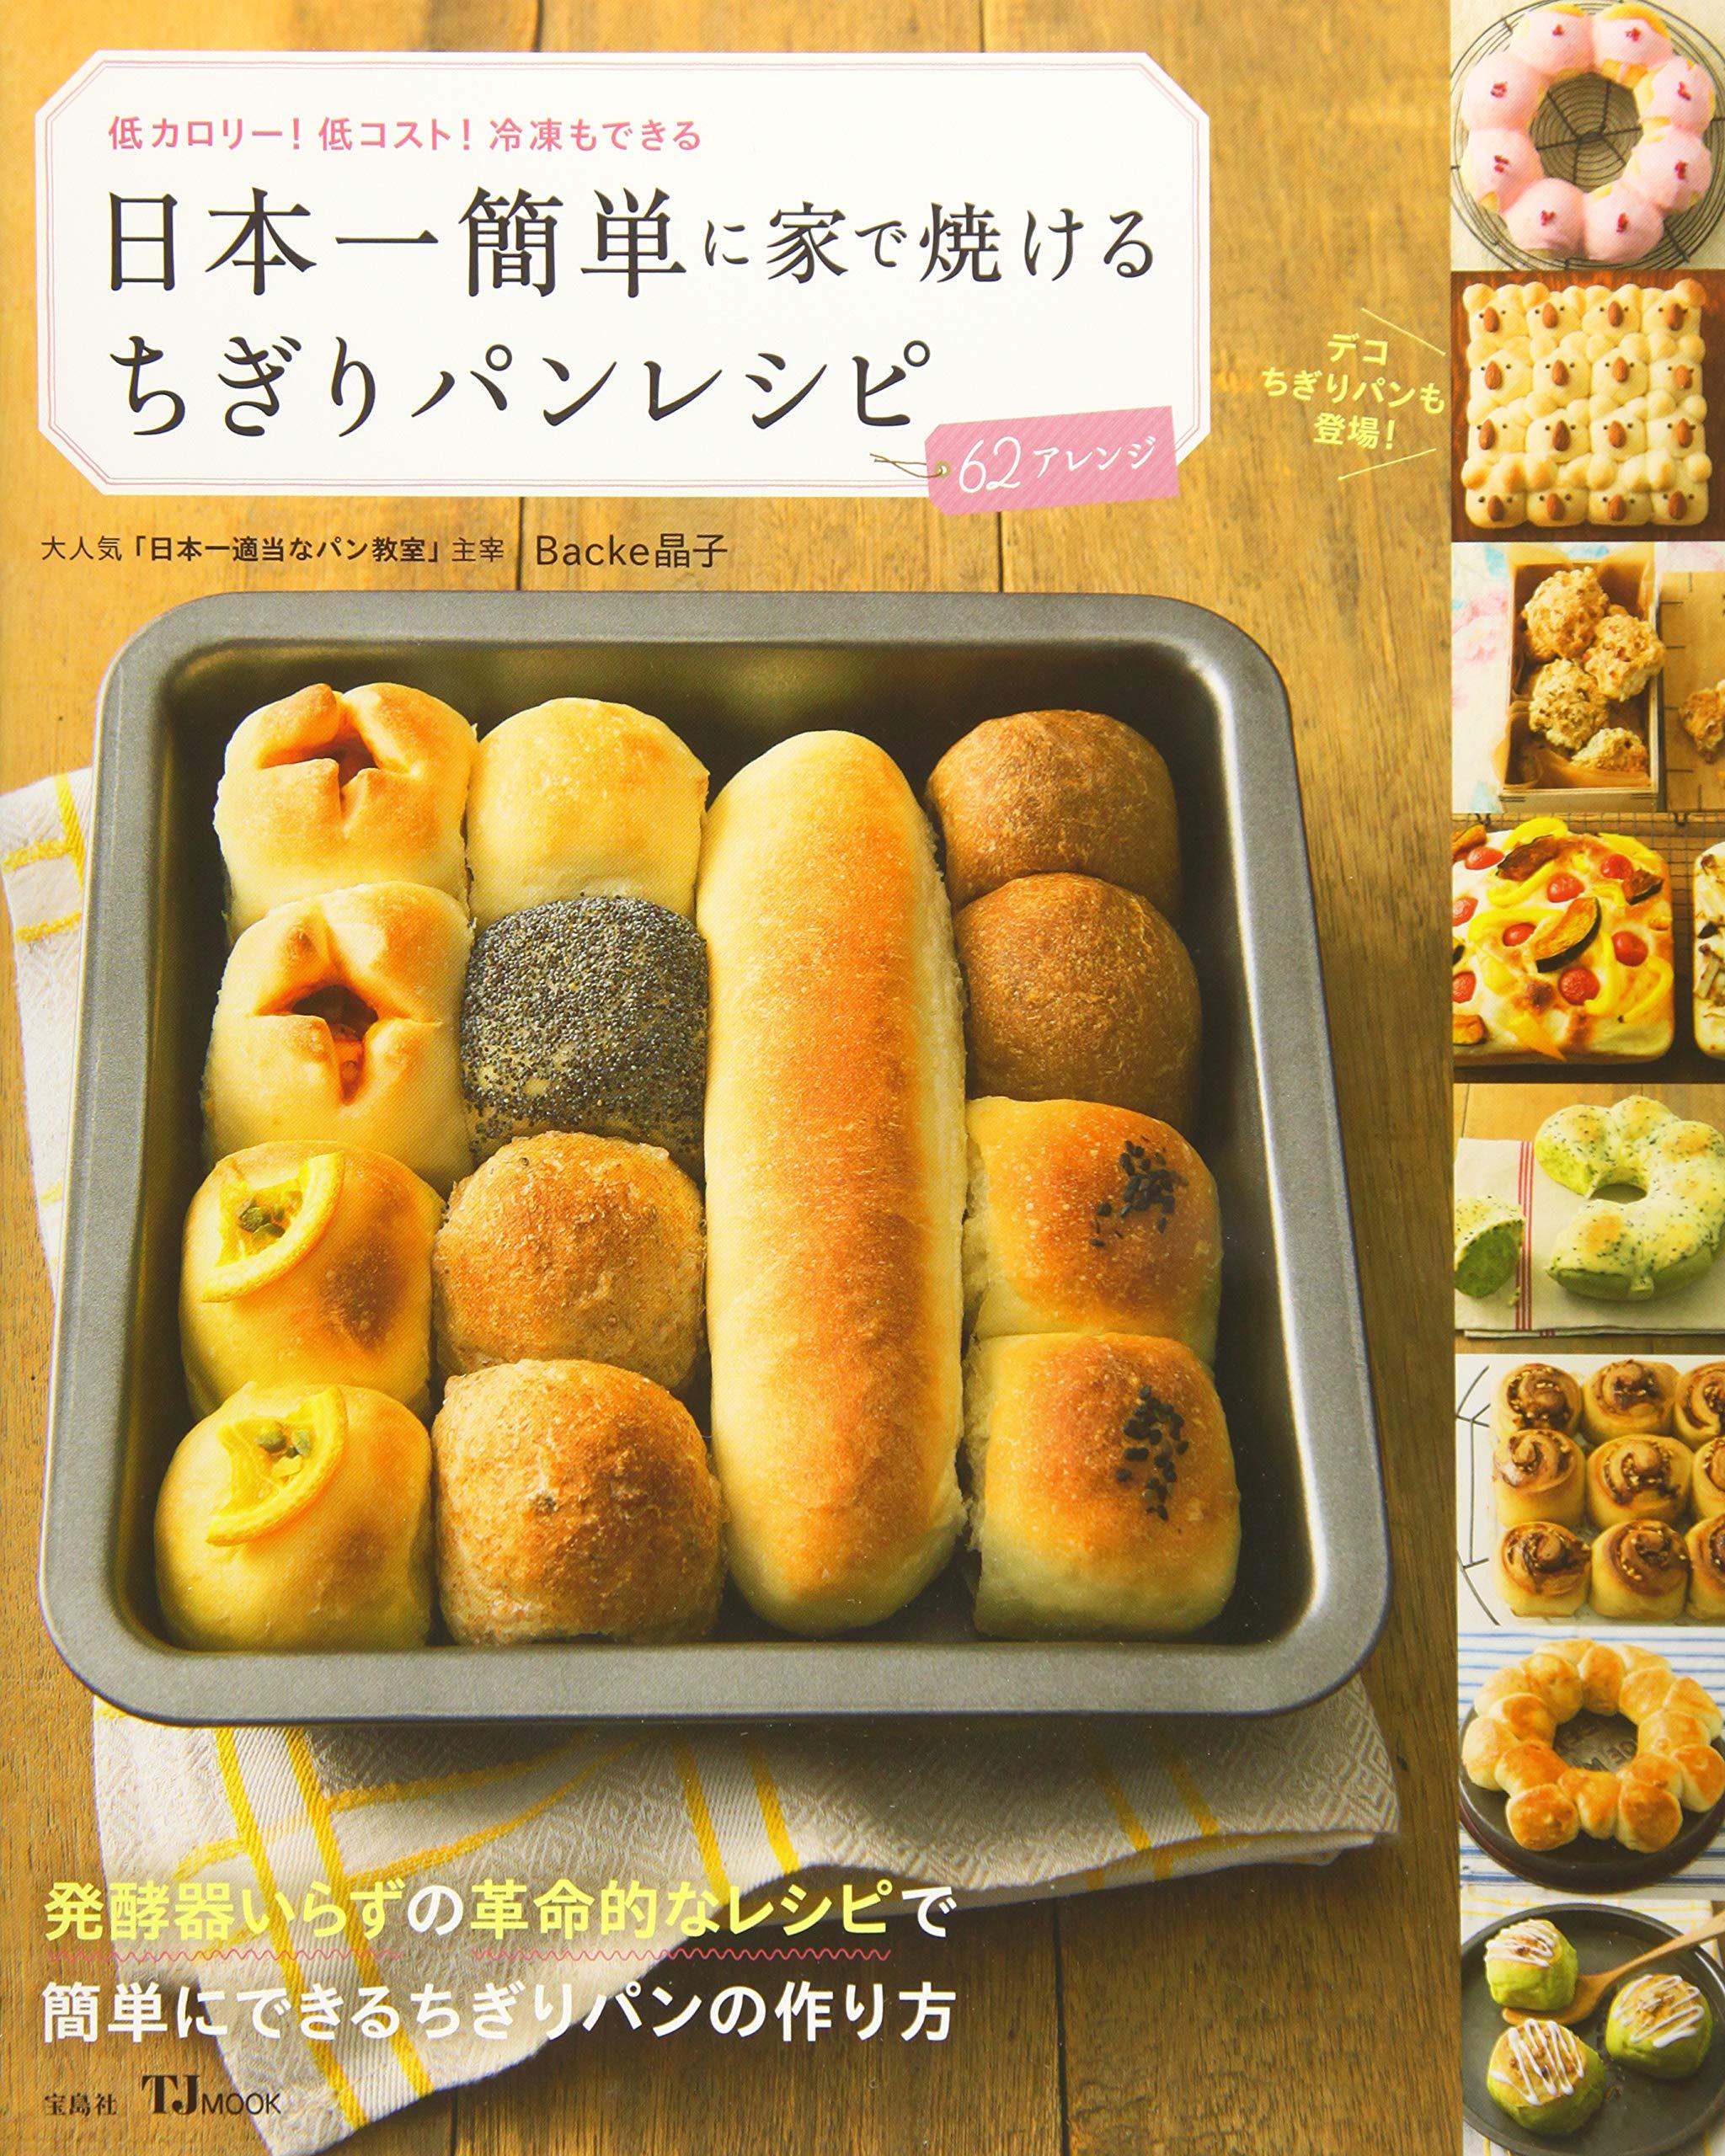 パン レシピ チップ チョコ